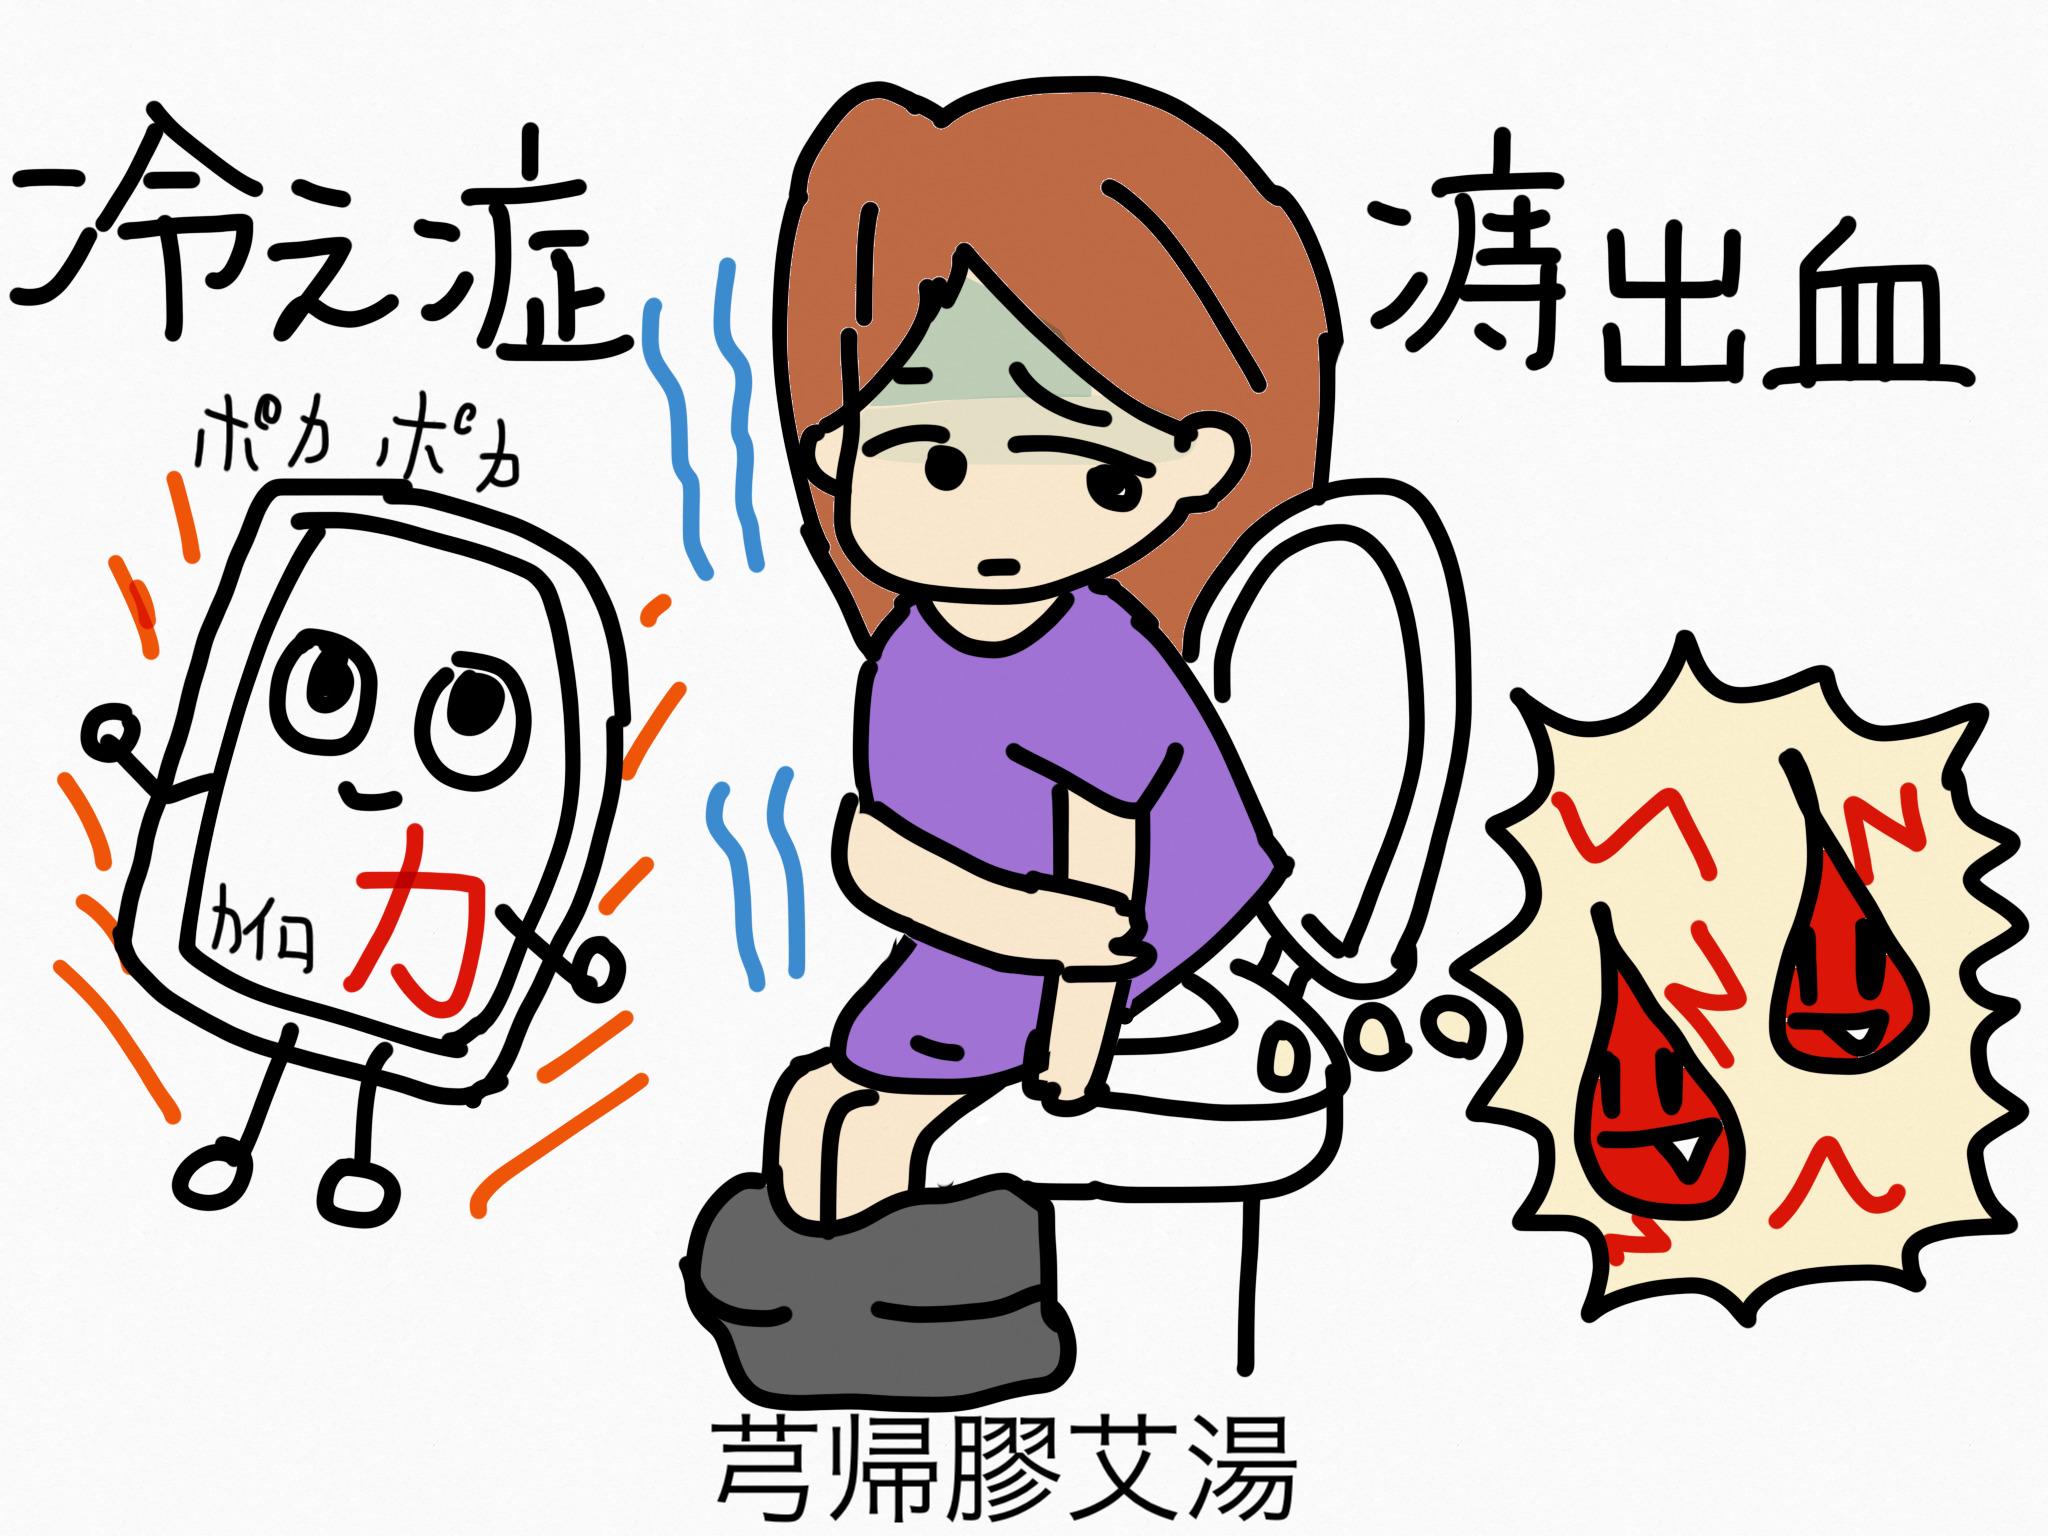 芎帰膠艾湯(きゅうききょうがいとう)[痔]【漢方の覚え方】